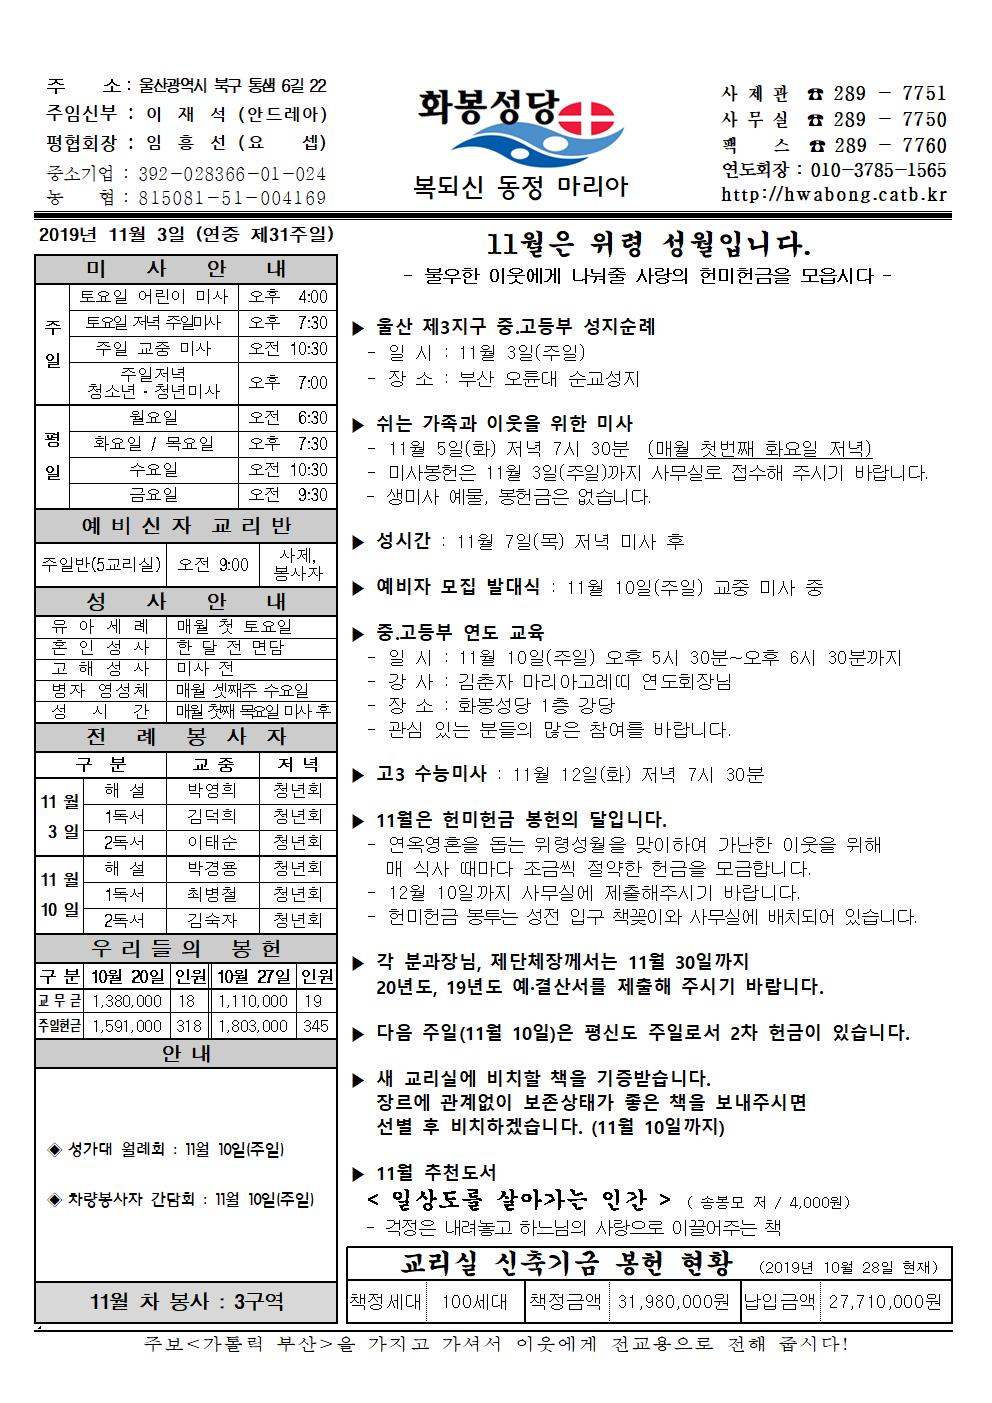 화봉성당20191103주보.png